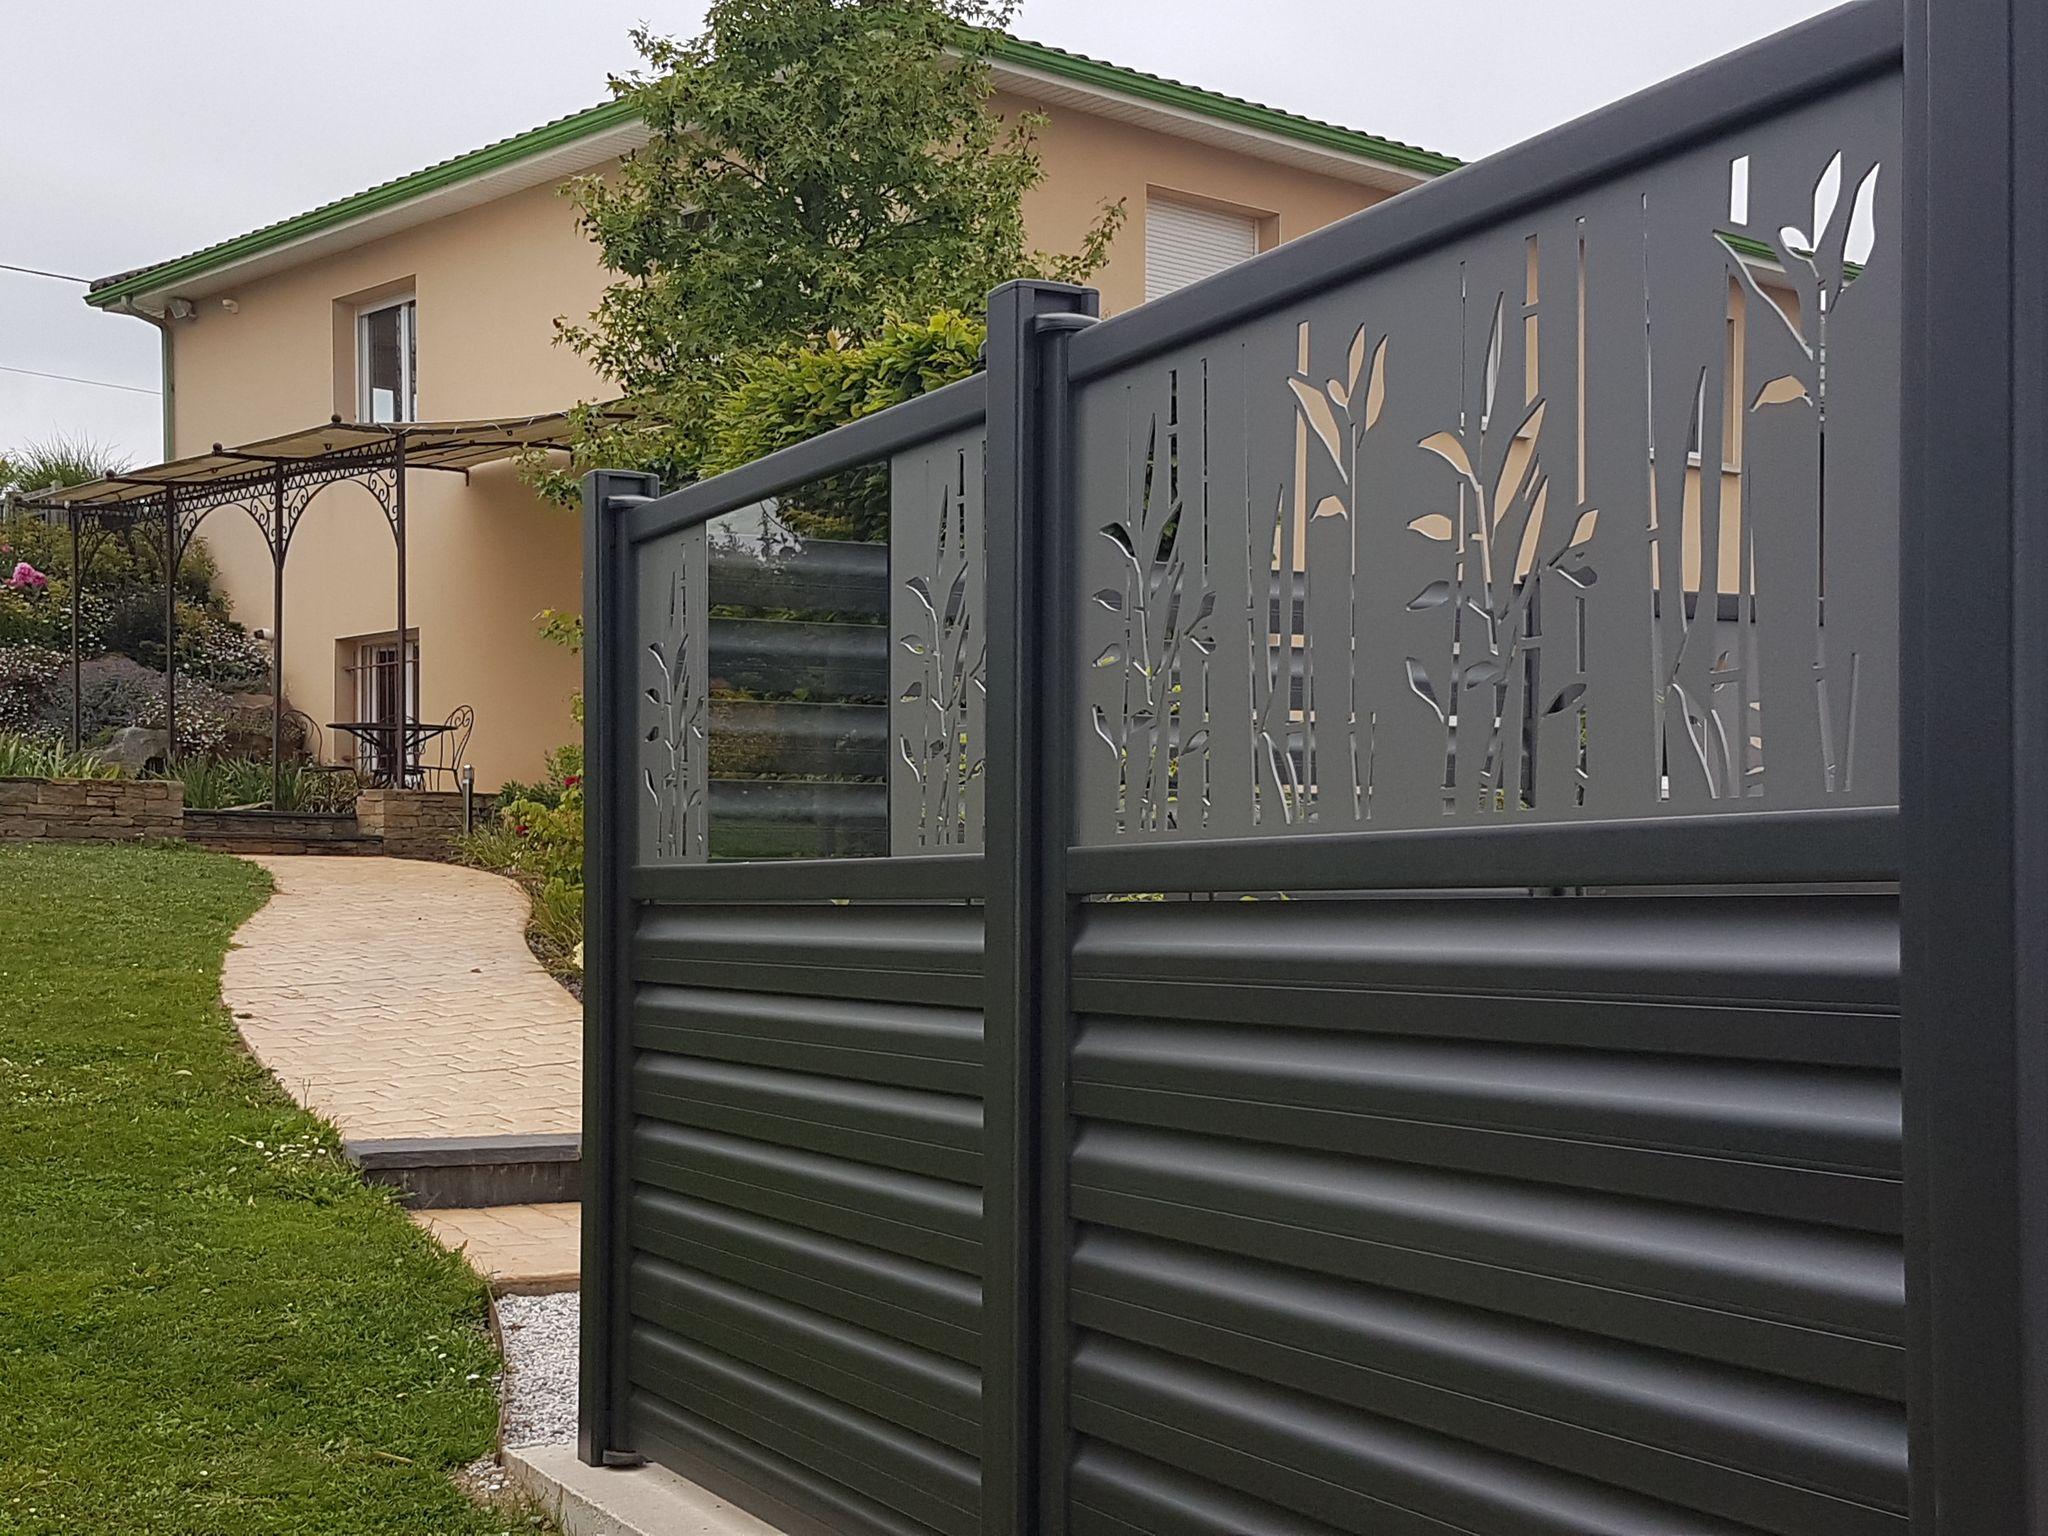 maillard paysage création troissereux clôture portail réalisation cetal pub